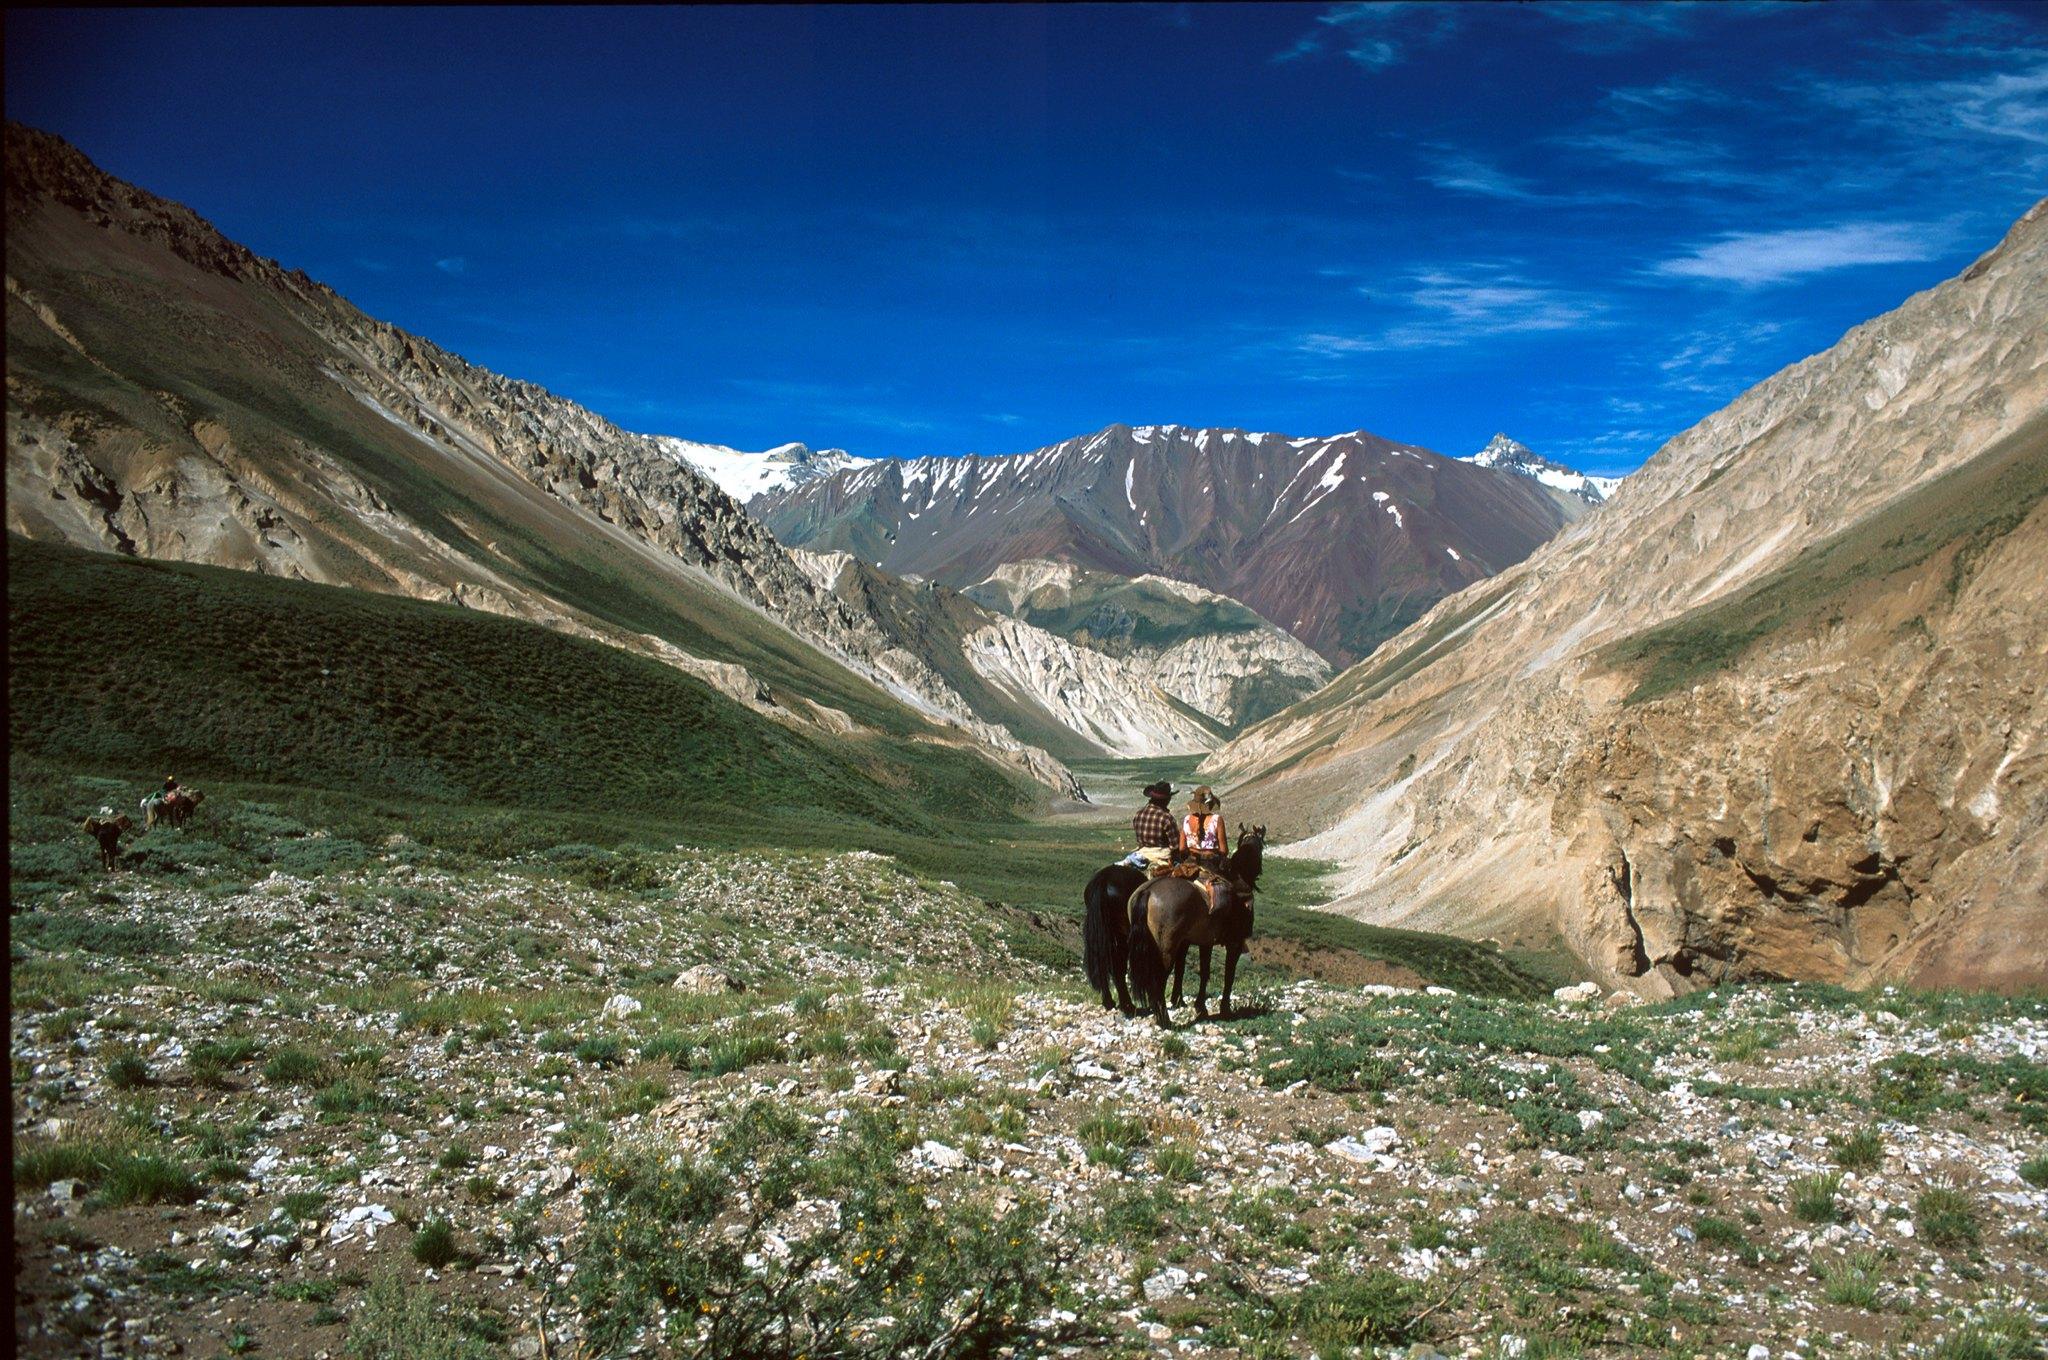 Horseback Riding in Cajon del Maipo in Chile